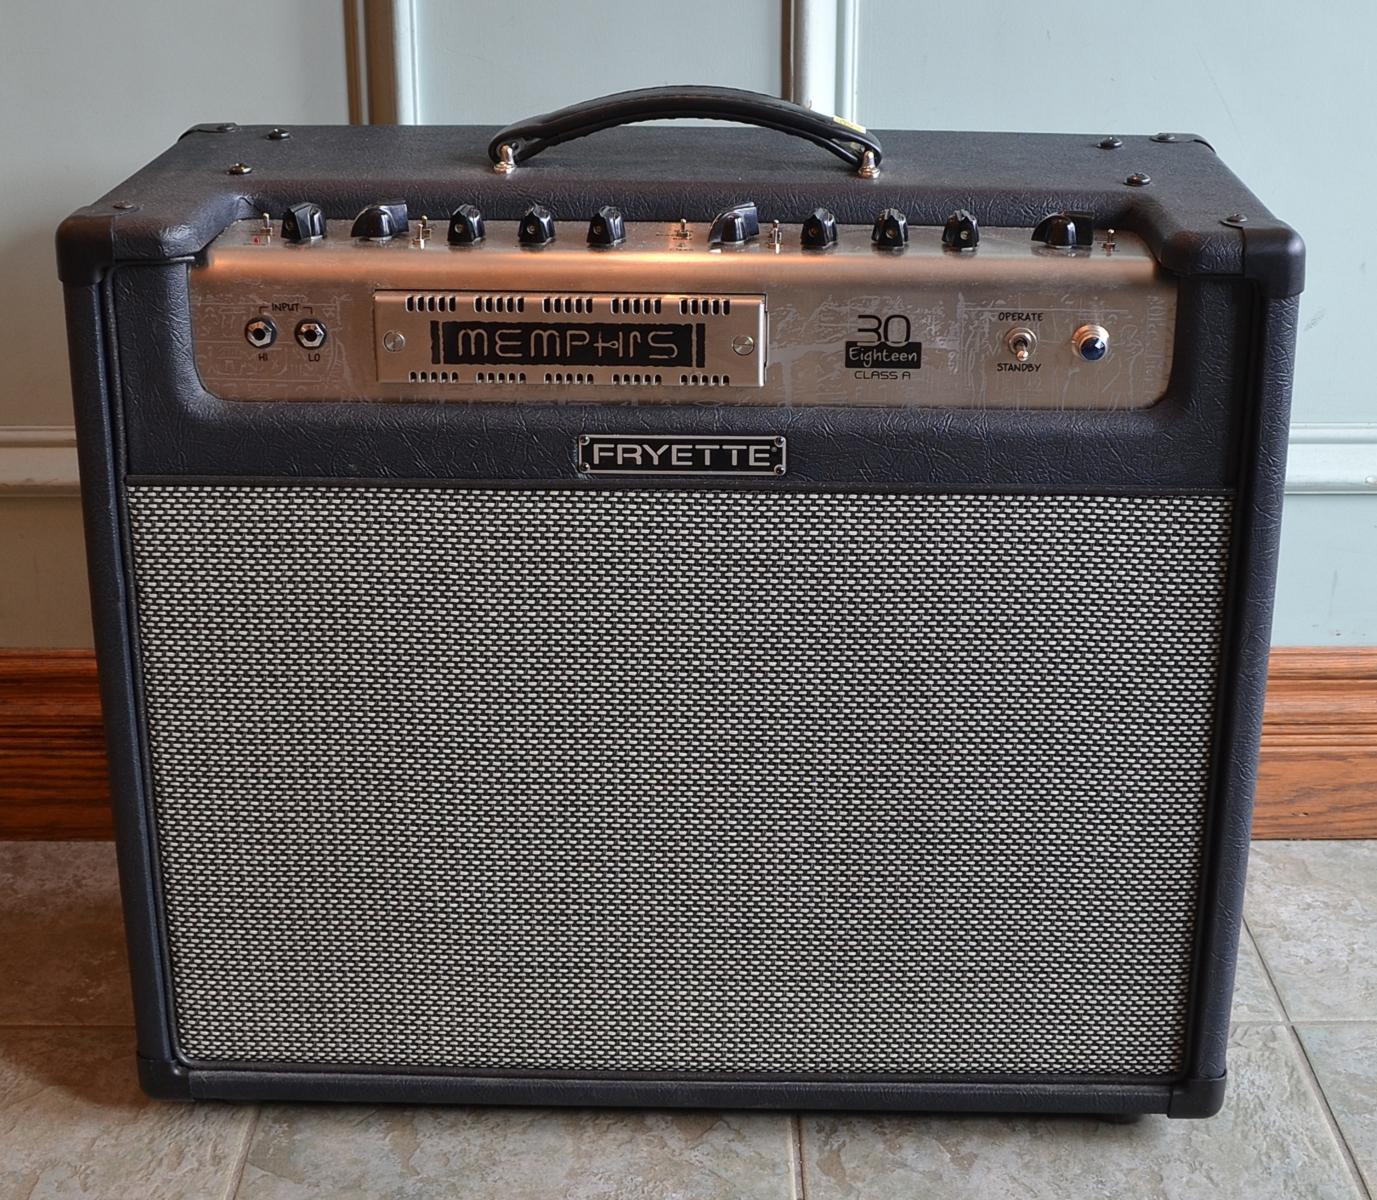 Fryette-Memphis-30-Combo-2011-C